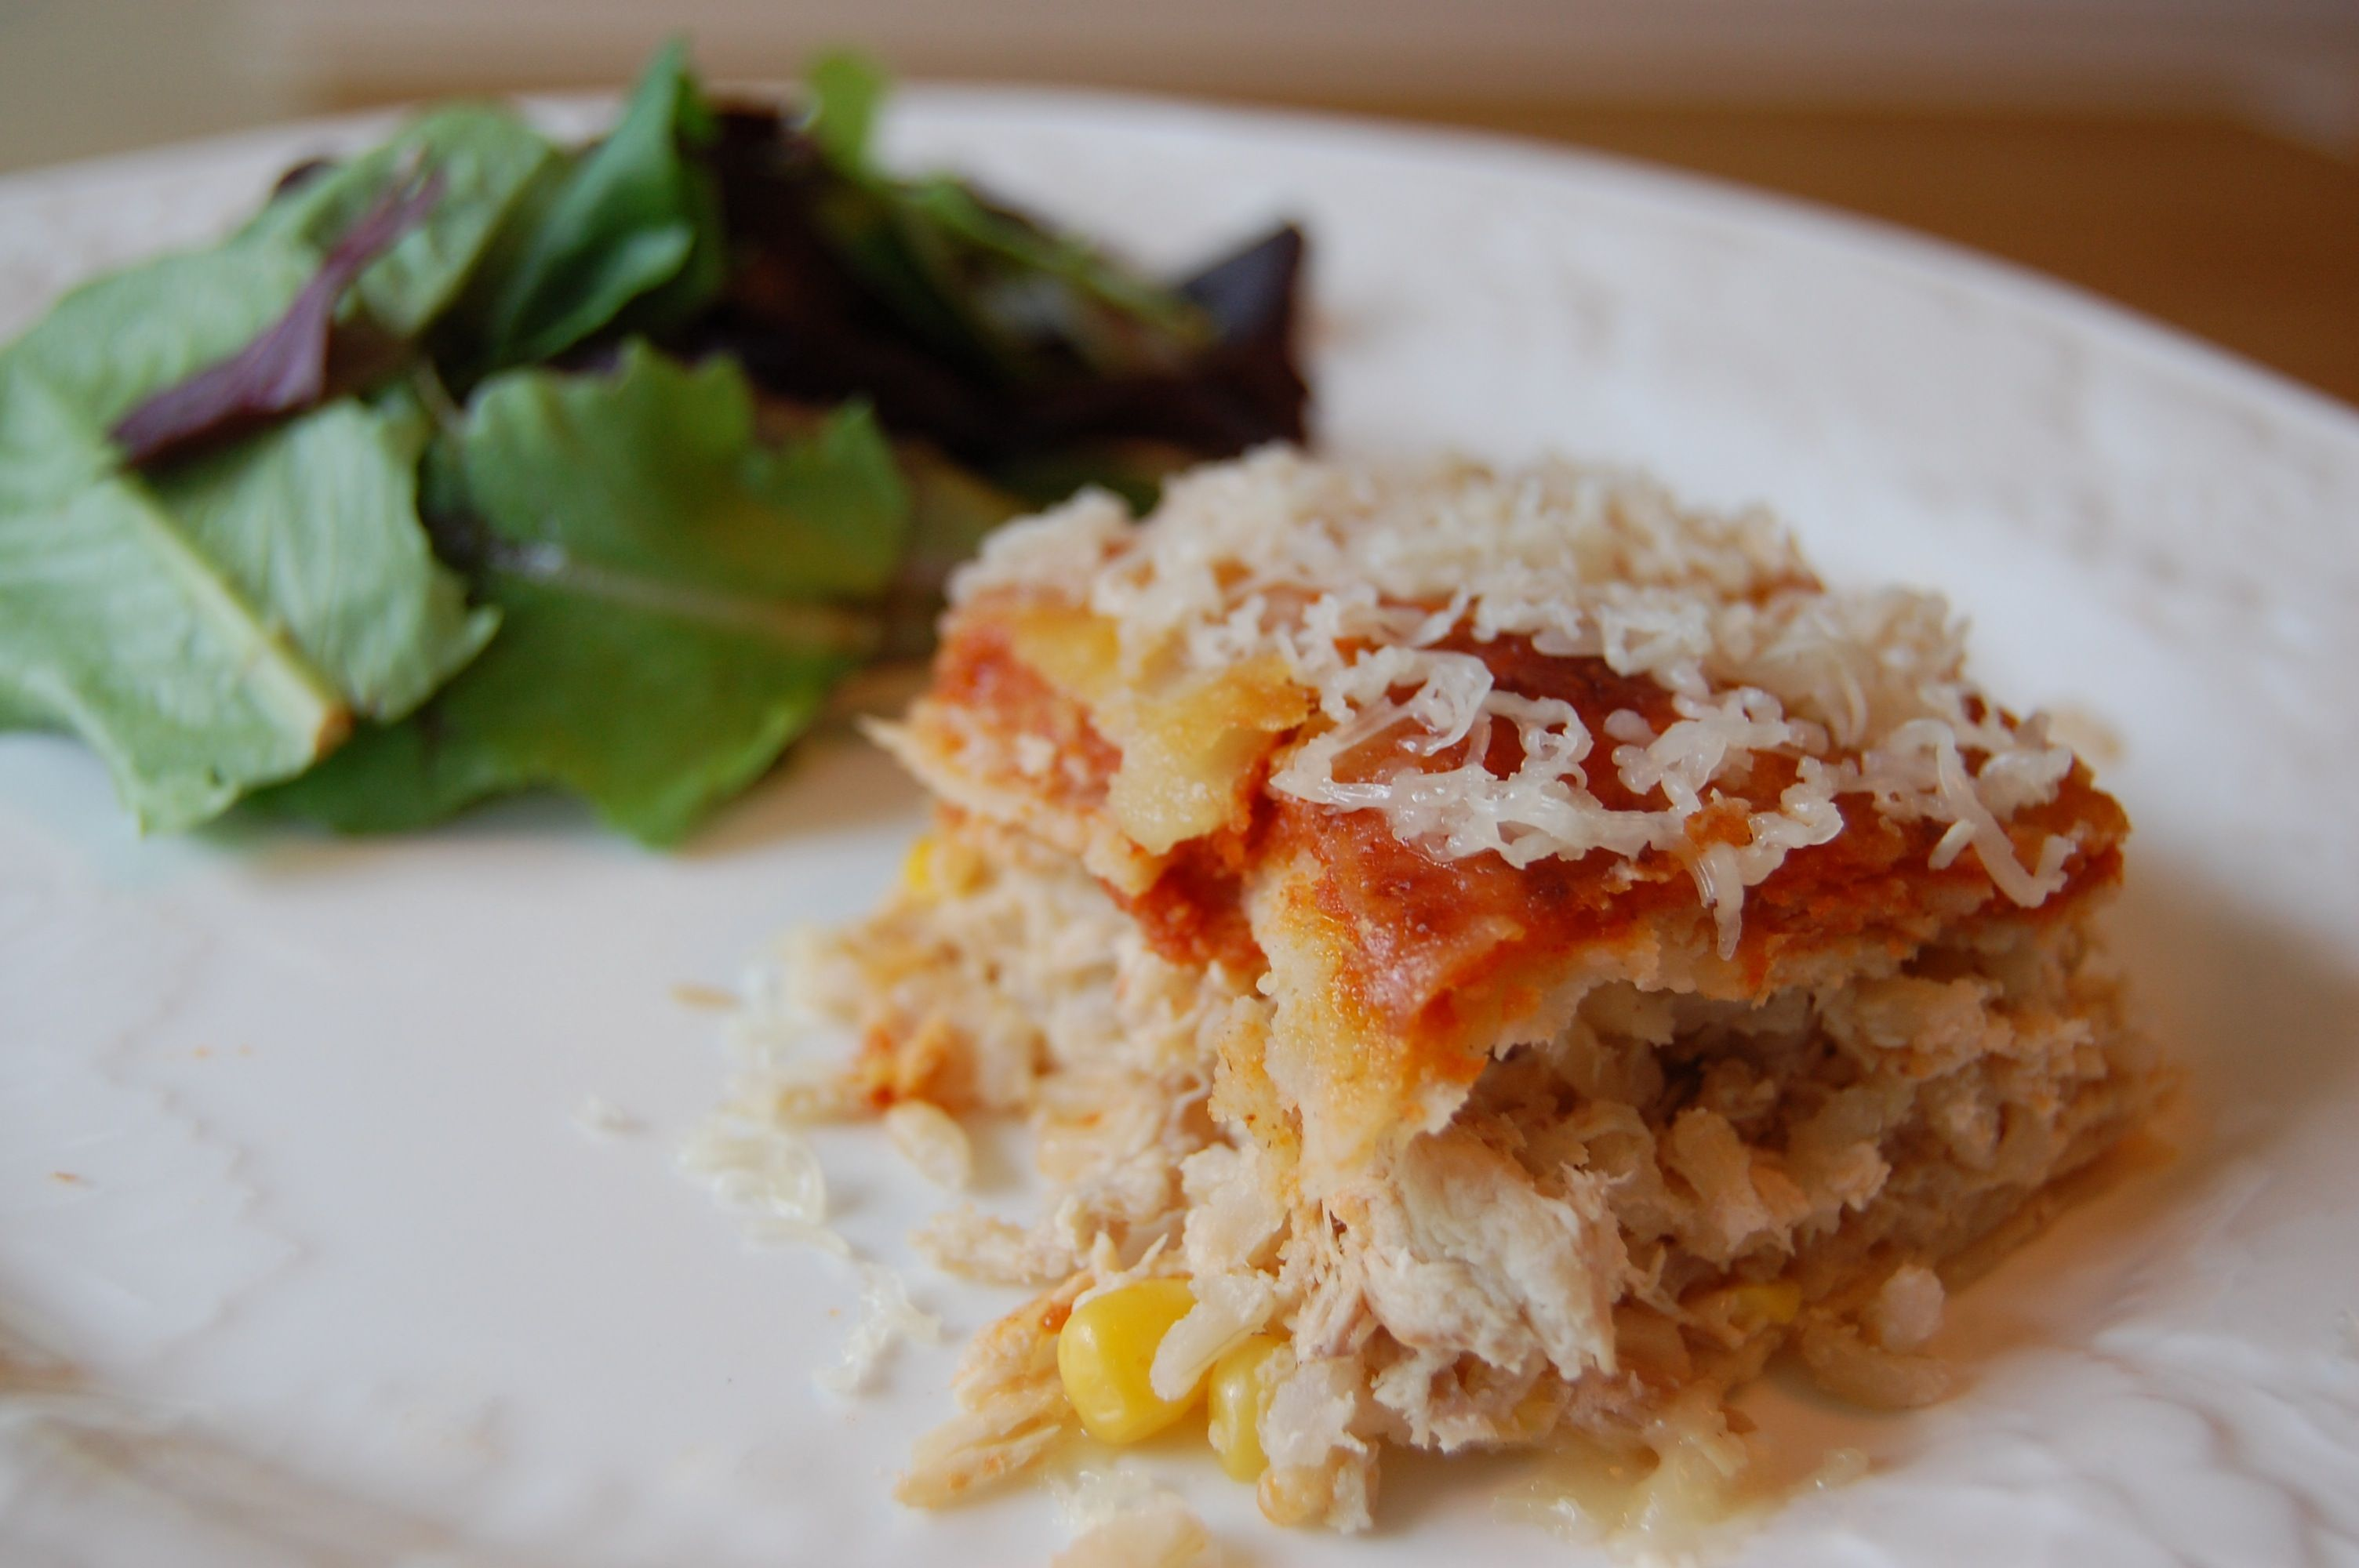 Chicken enchiladas recipe chicken enchiladas real foods and chicken enchiladas recipe chicken enchiladas real foods and casserole forumfinder Image collections